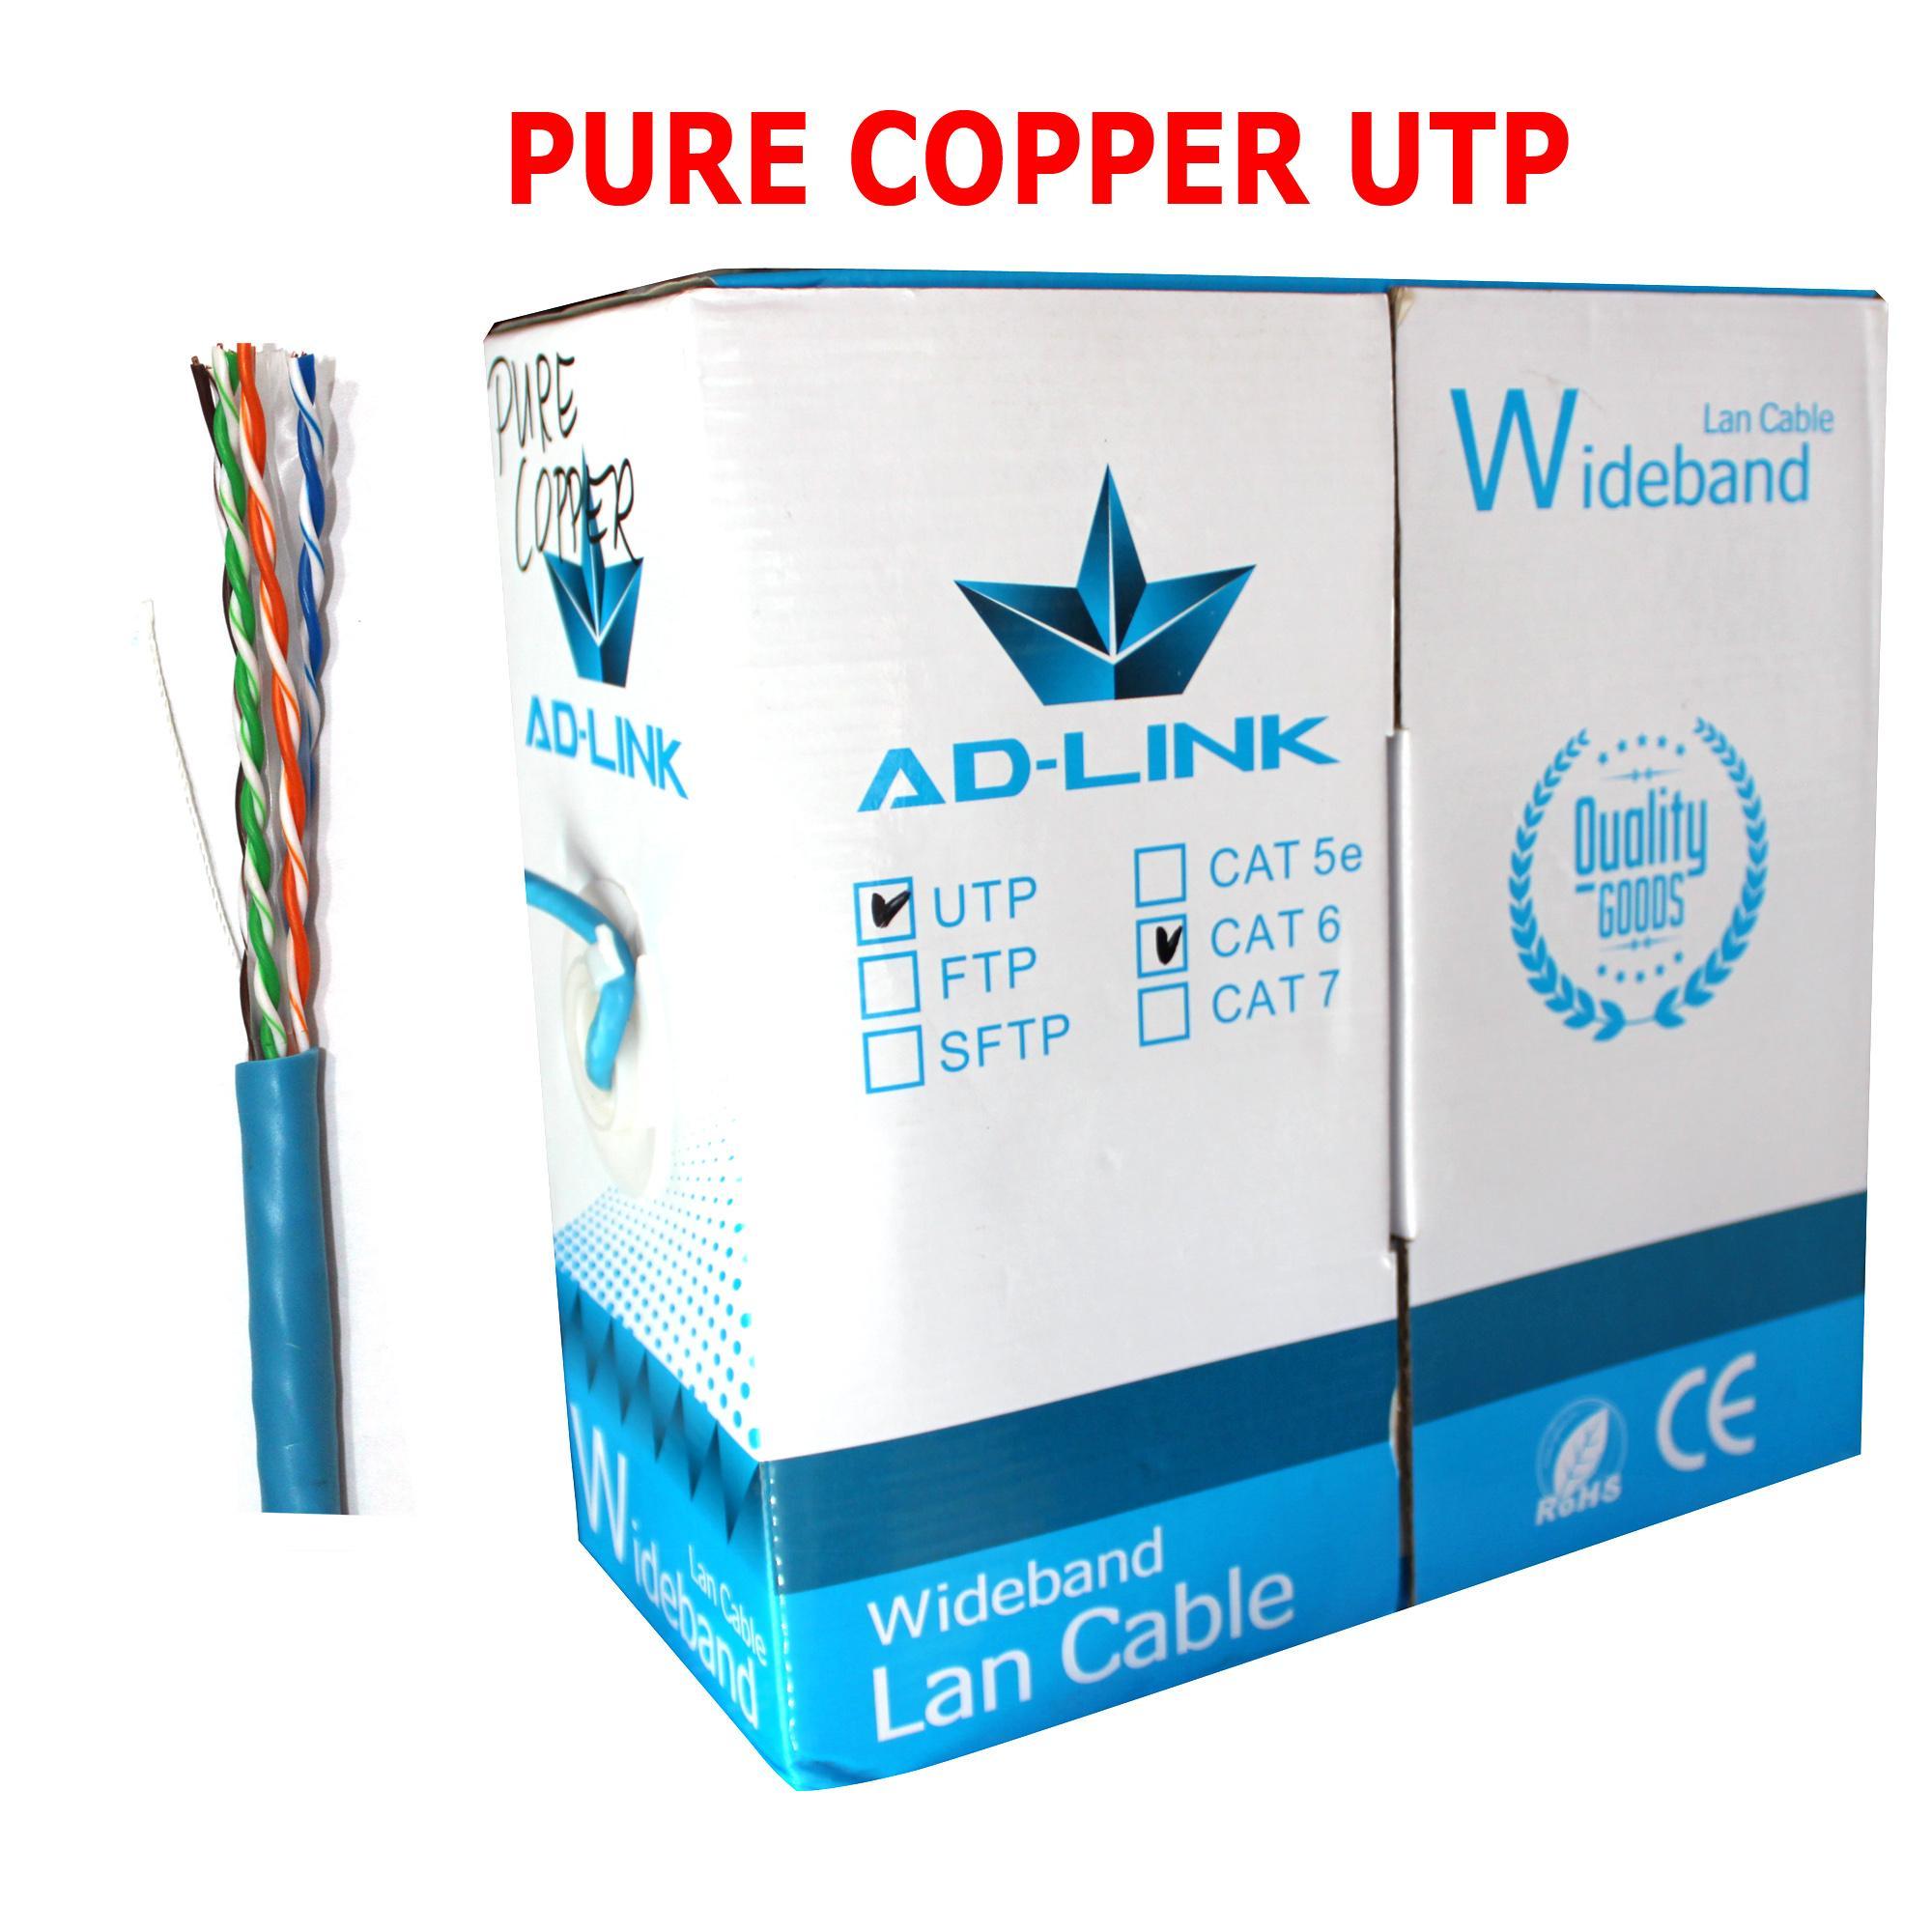 Ethernet Cable For Sale Etherner Adapters Prices Brands Specs Kabel Lan Belden 25 M Utp Rj45 Cat5e Original Usa Meter 100m Cat6 Pure Copper Ad Link